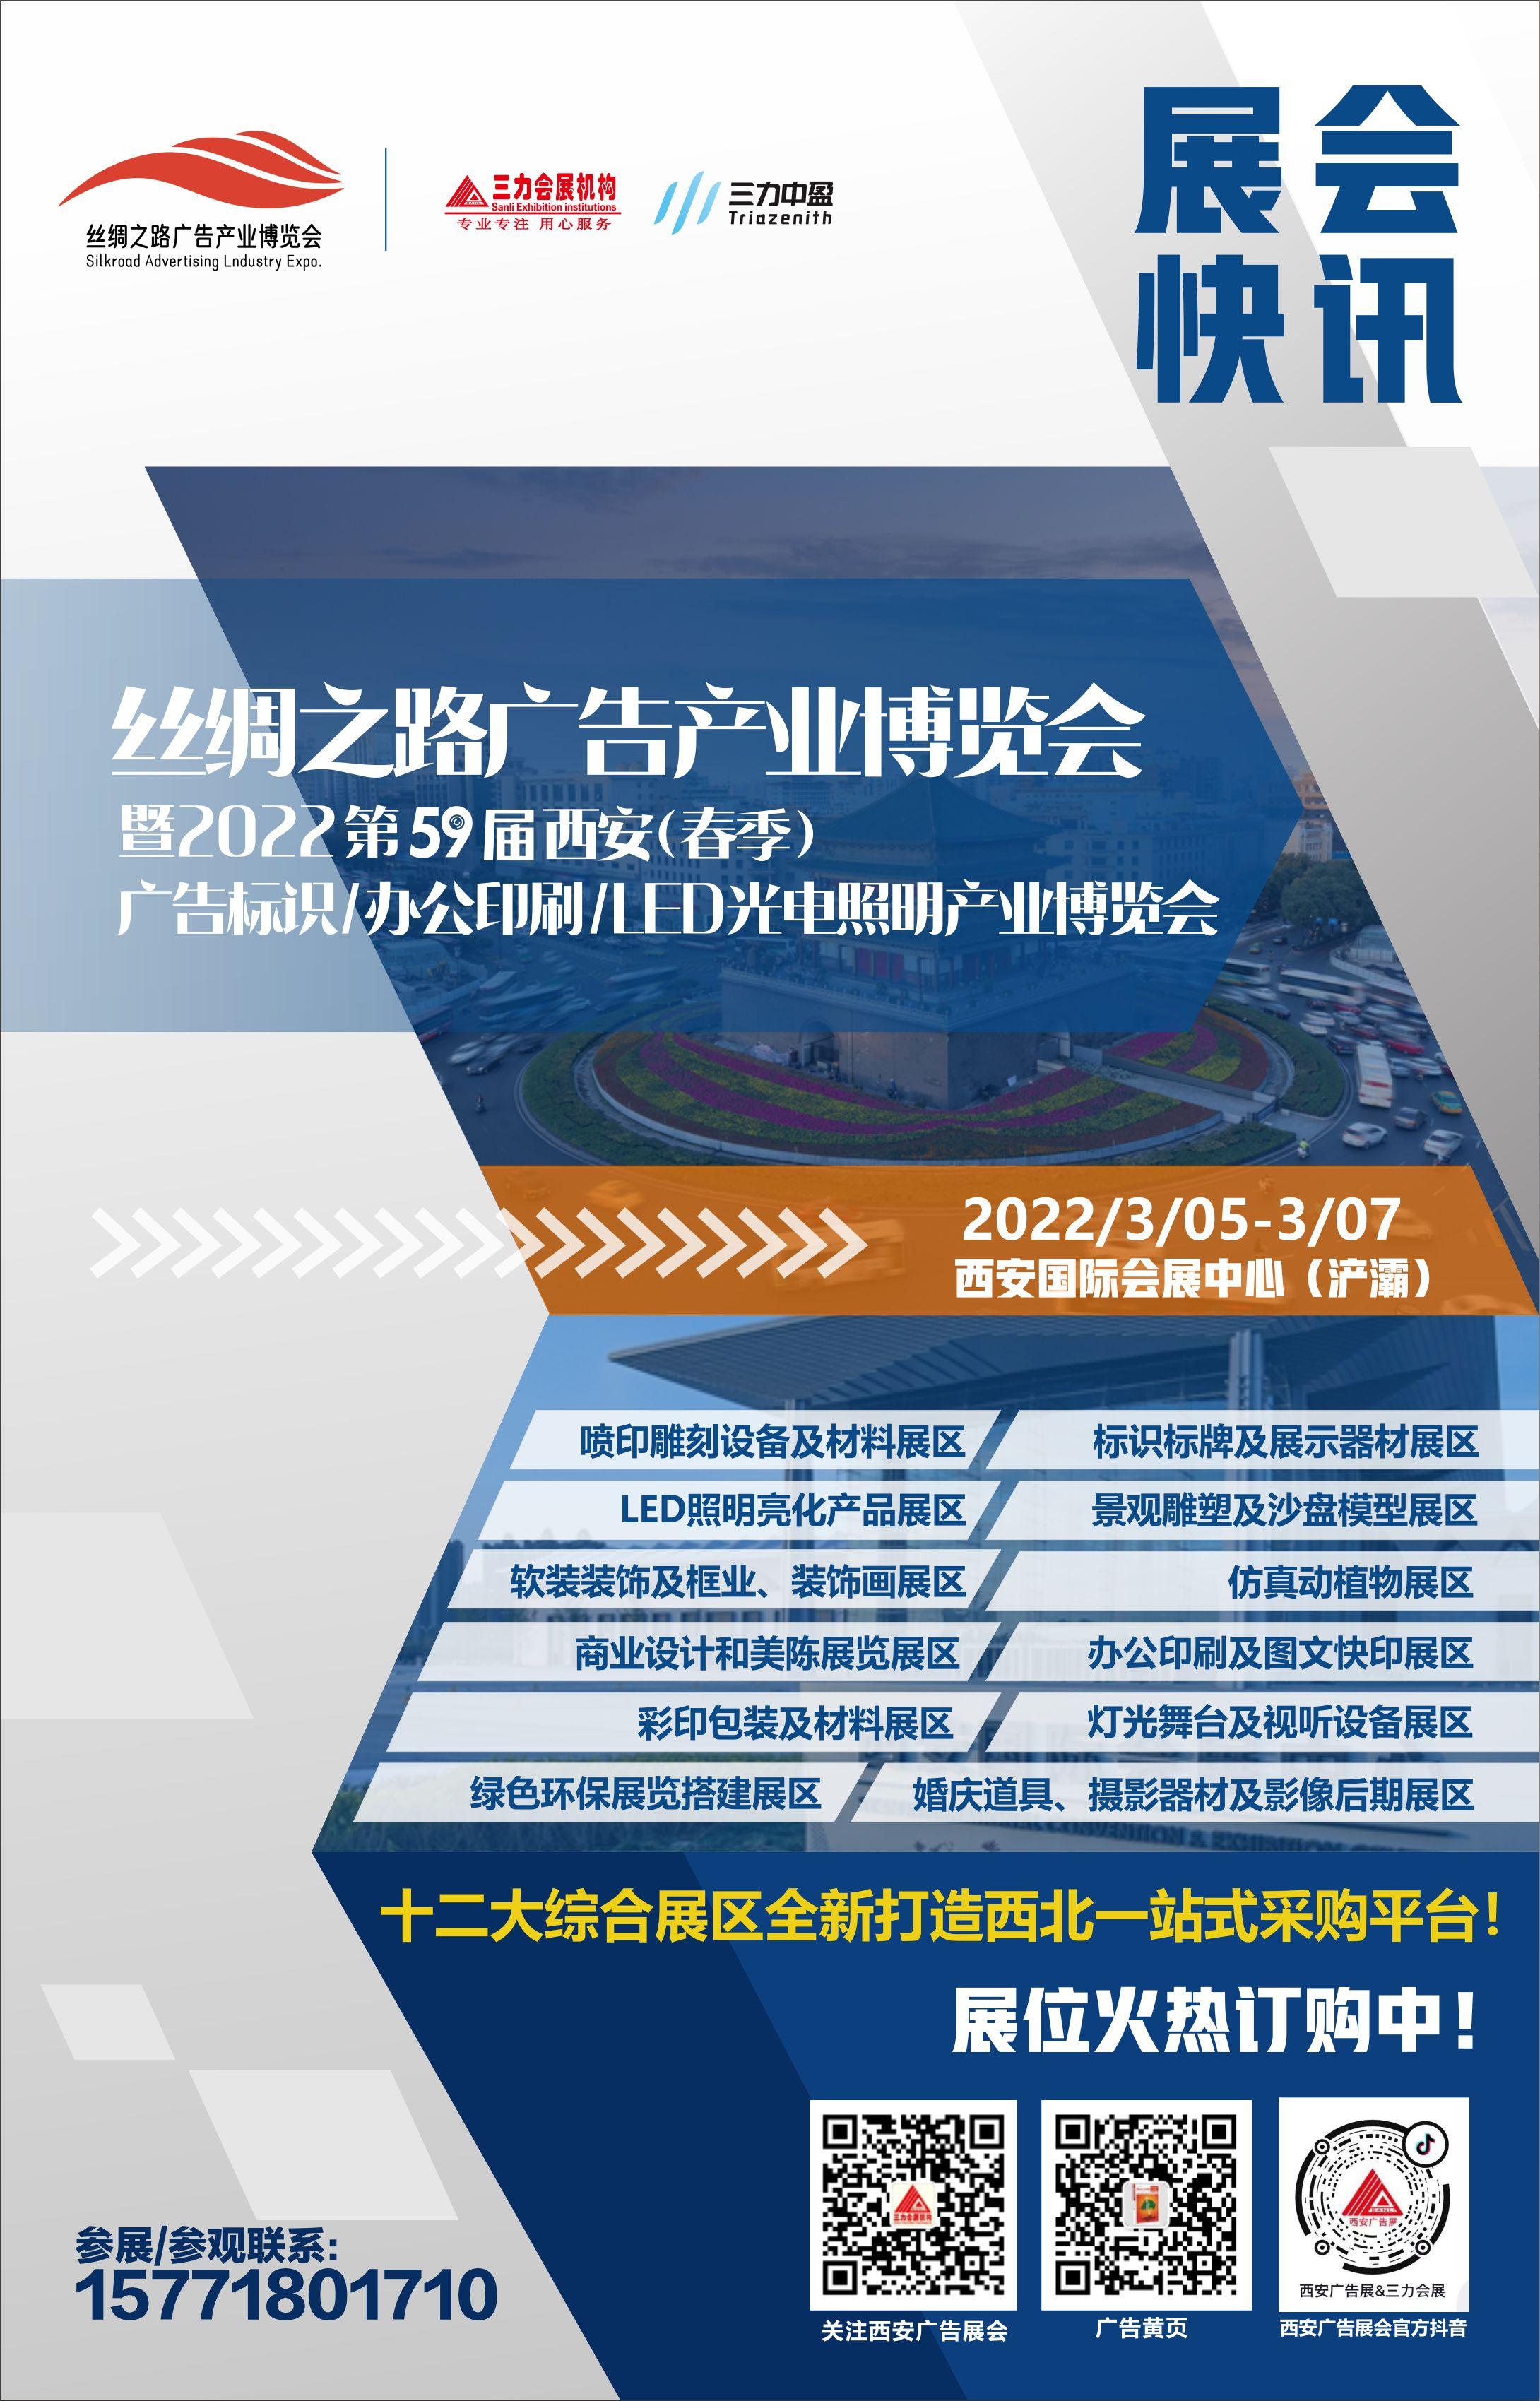 2022西安春季广告标识/办公印刷/LED光电照明产业博览会